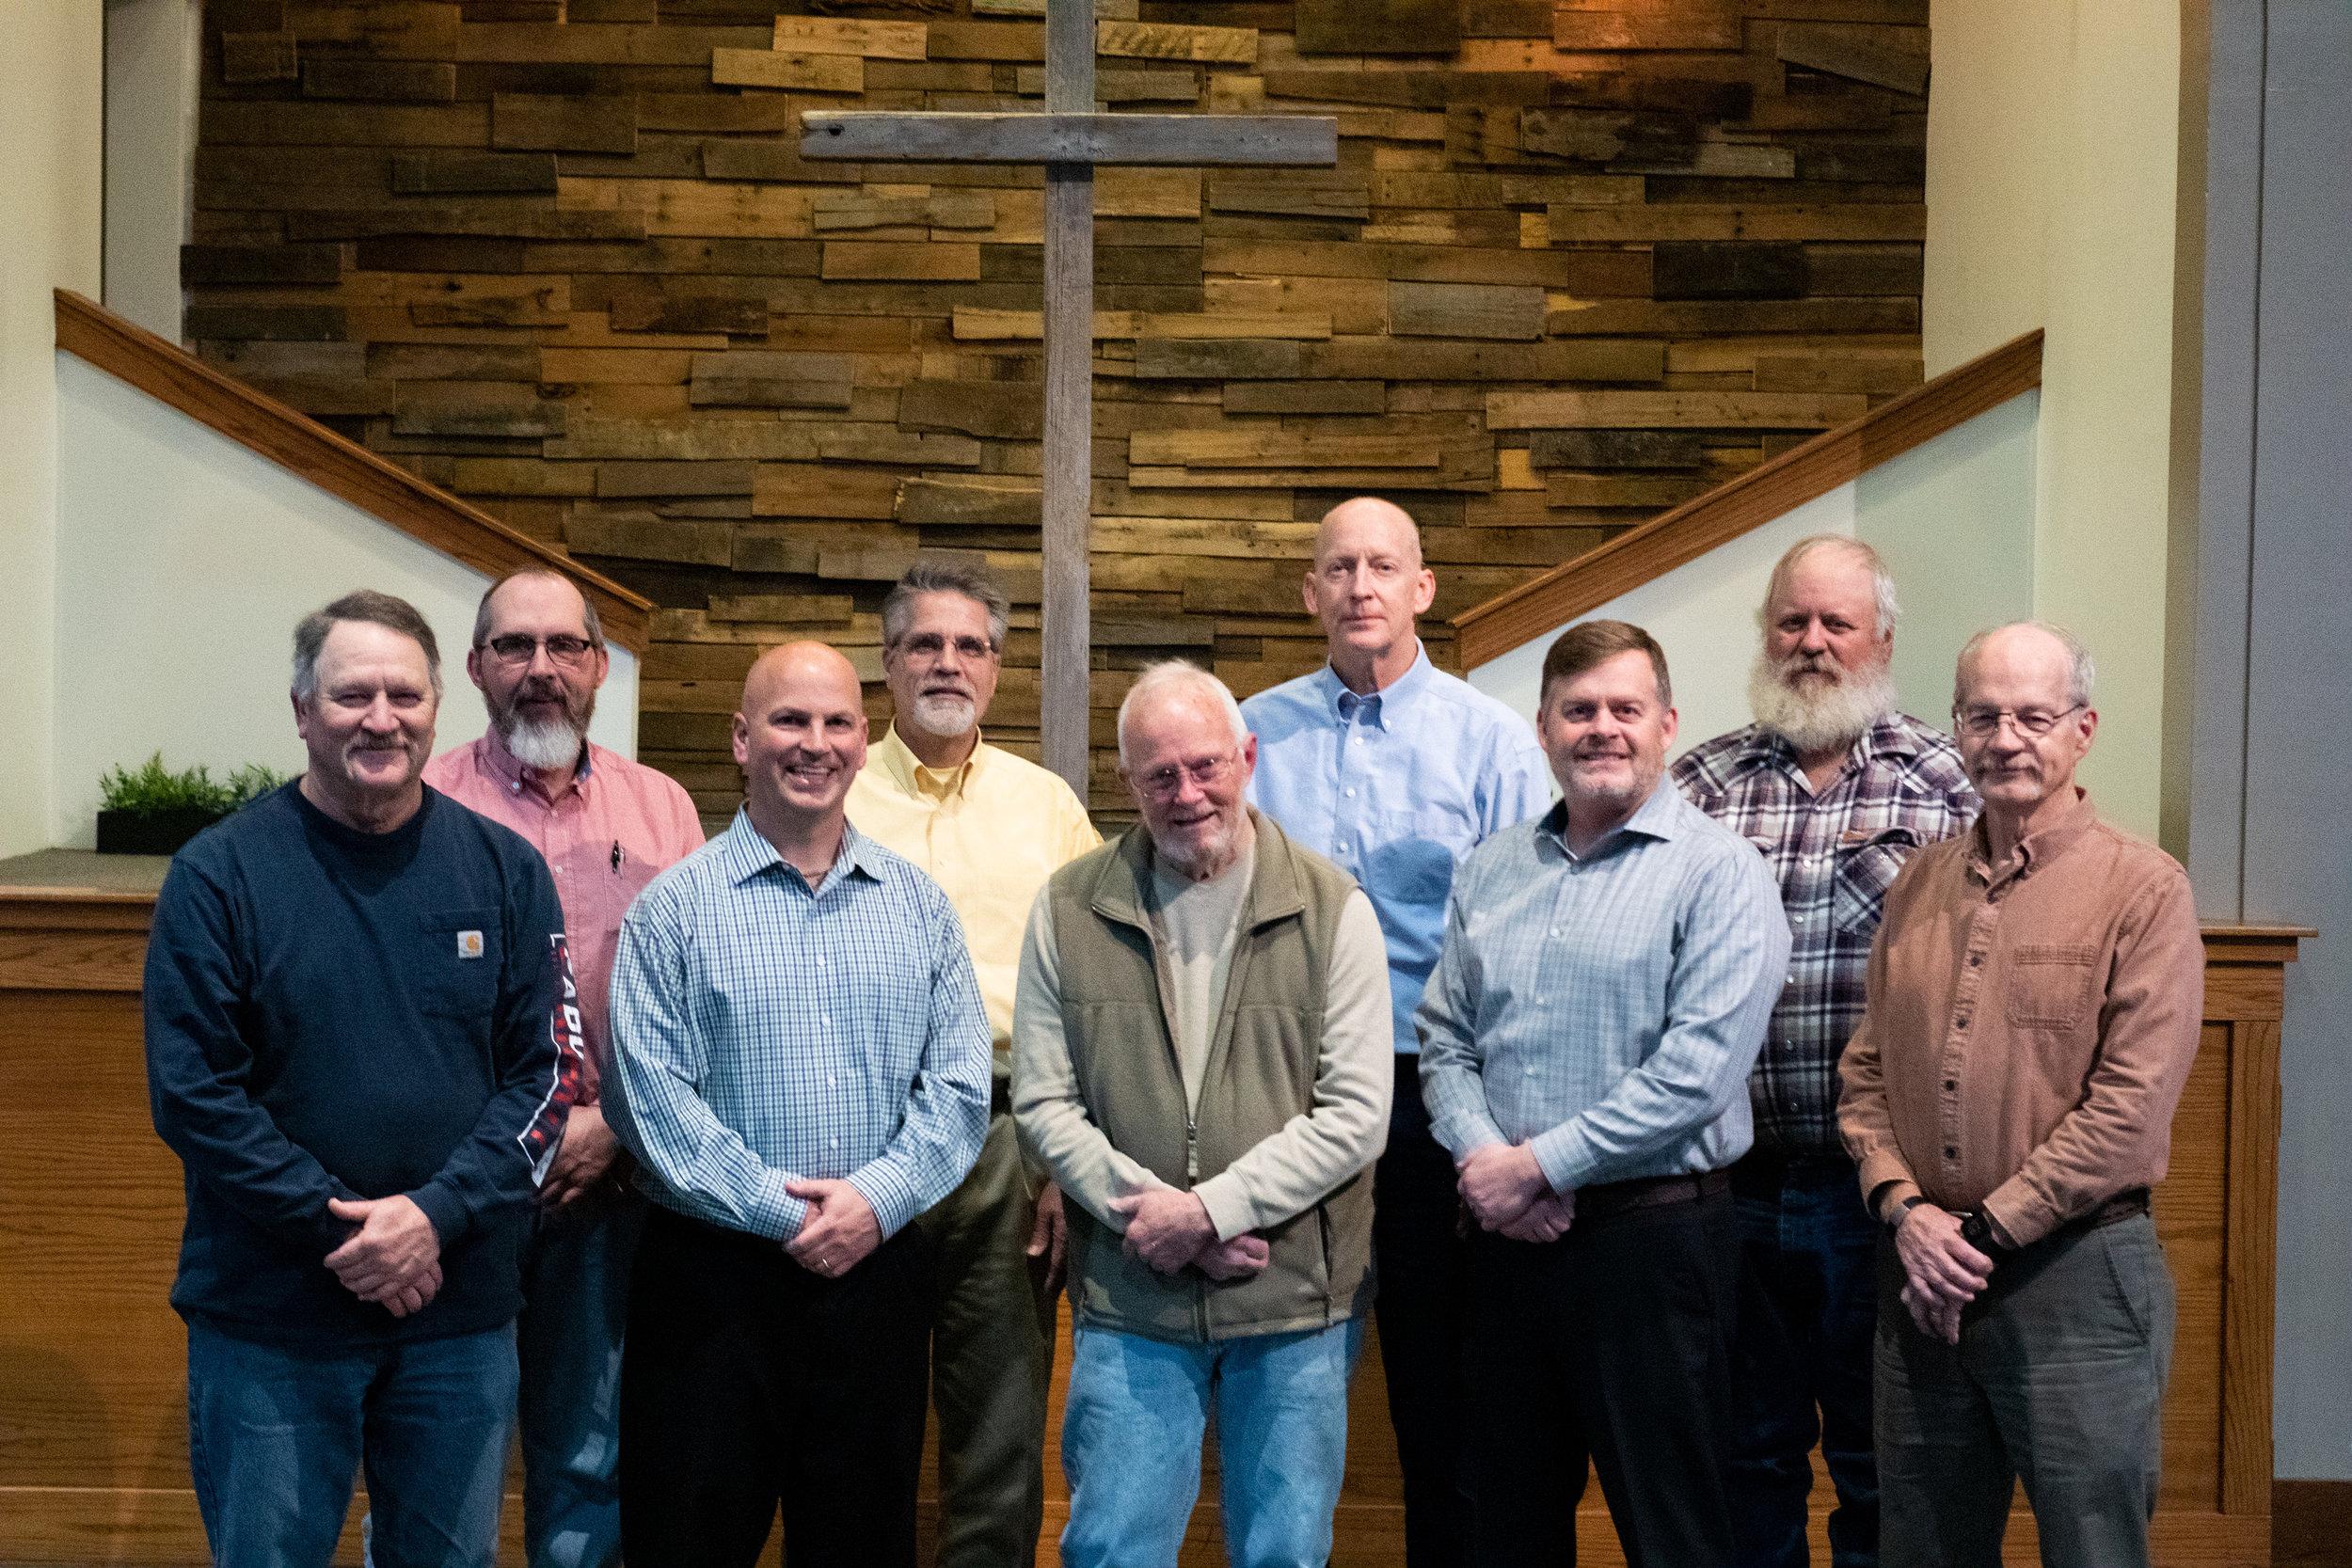 FBC Elders - Larry Schmidt, Chair | Jeff Nattier, Vice-ChairDean Schulz | Daryl Wedel | Tim KirtleyJim Myers | Ron Flickinger | Dan Heinze